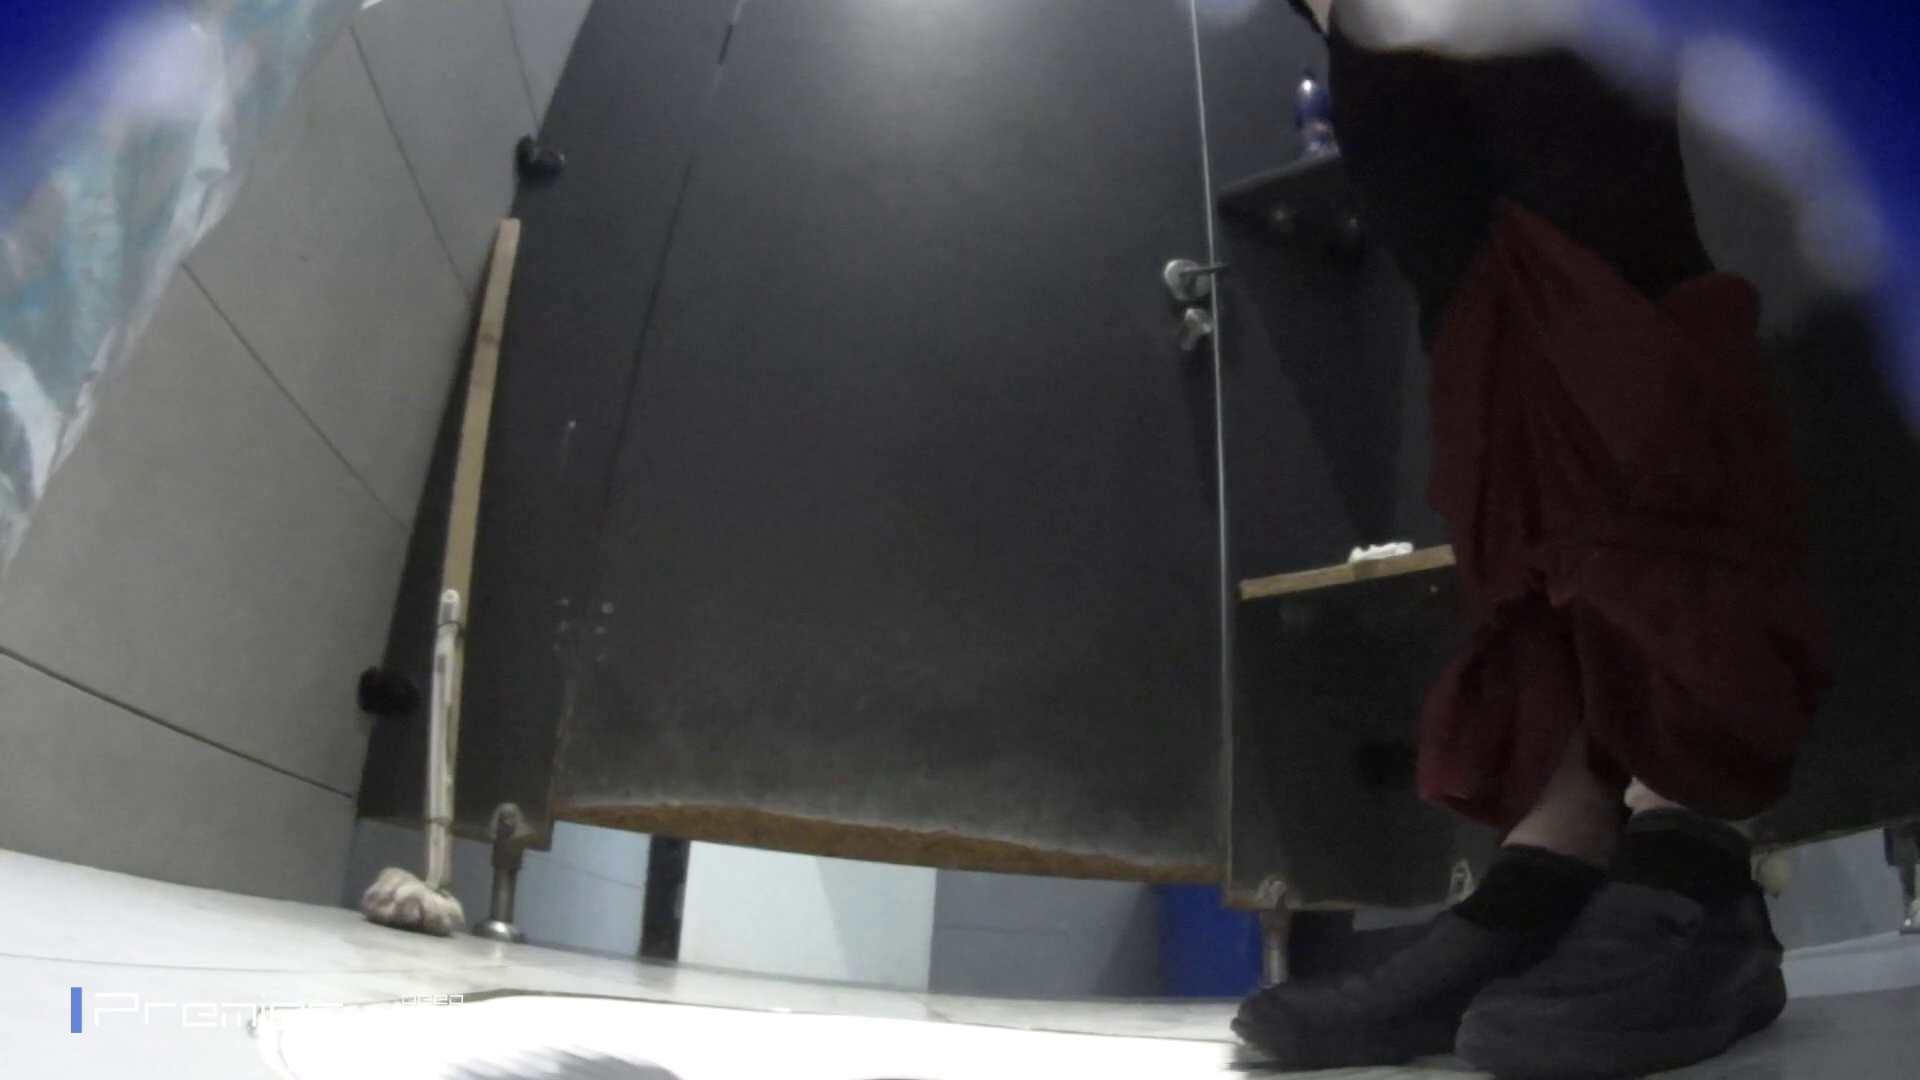 無修正ヌード|フロントから丸見え! 大学休憩時間の洗面所事情60|怪盗ジョーカー